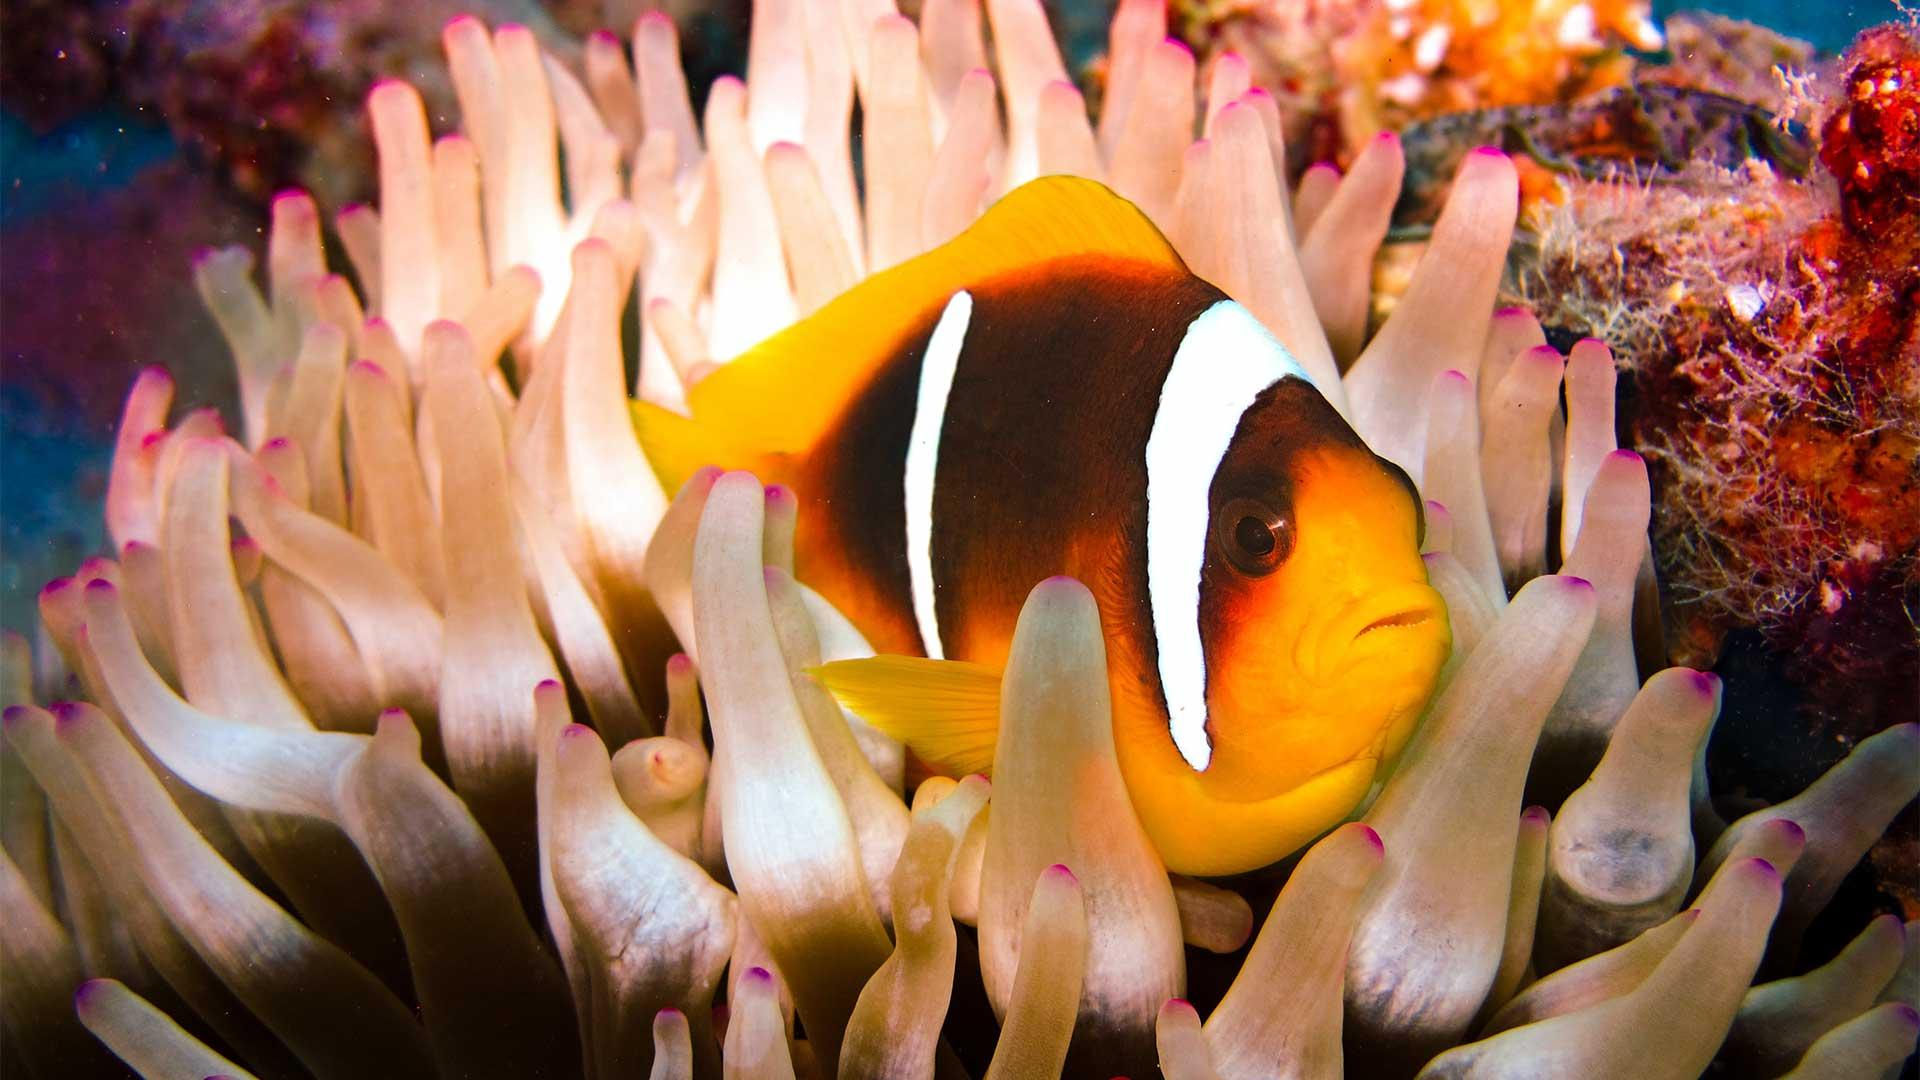 Ein kleiner, bunter Fisch liegt in einer Koralle